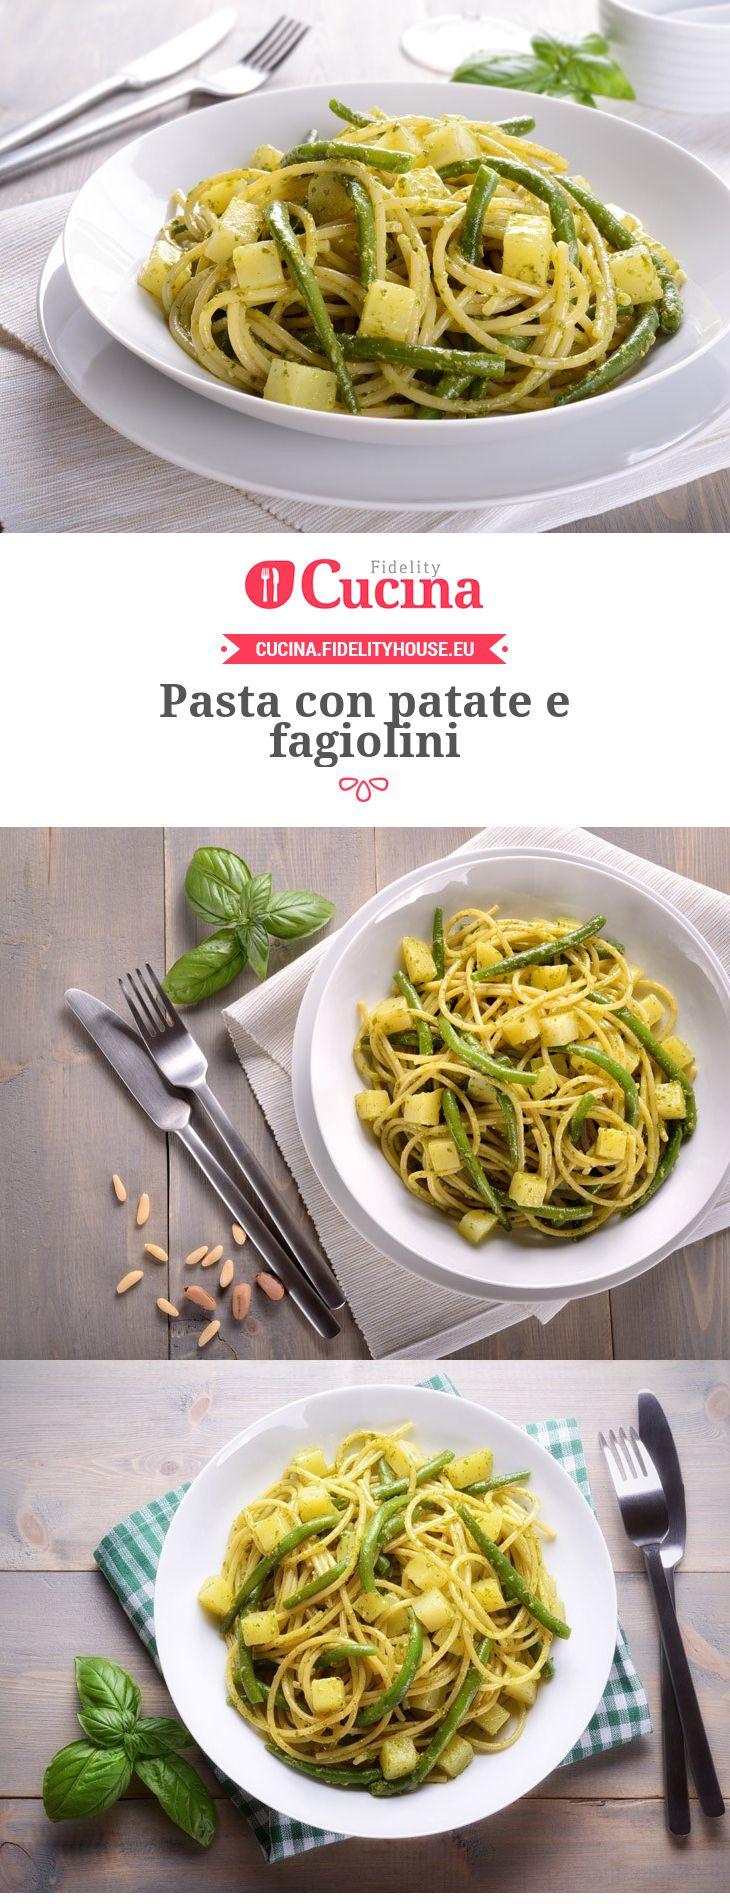 Pasta con patate e fagiolini ricetta primi piatti pinterest pasta - Cucinare i fagiolini ...